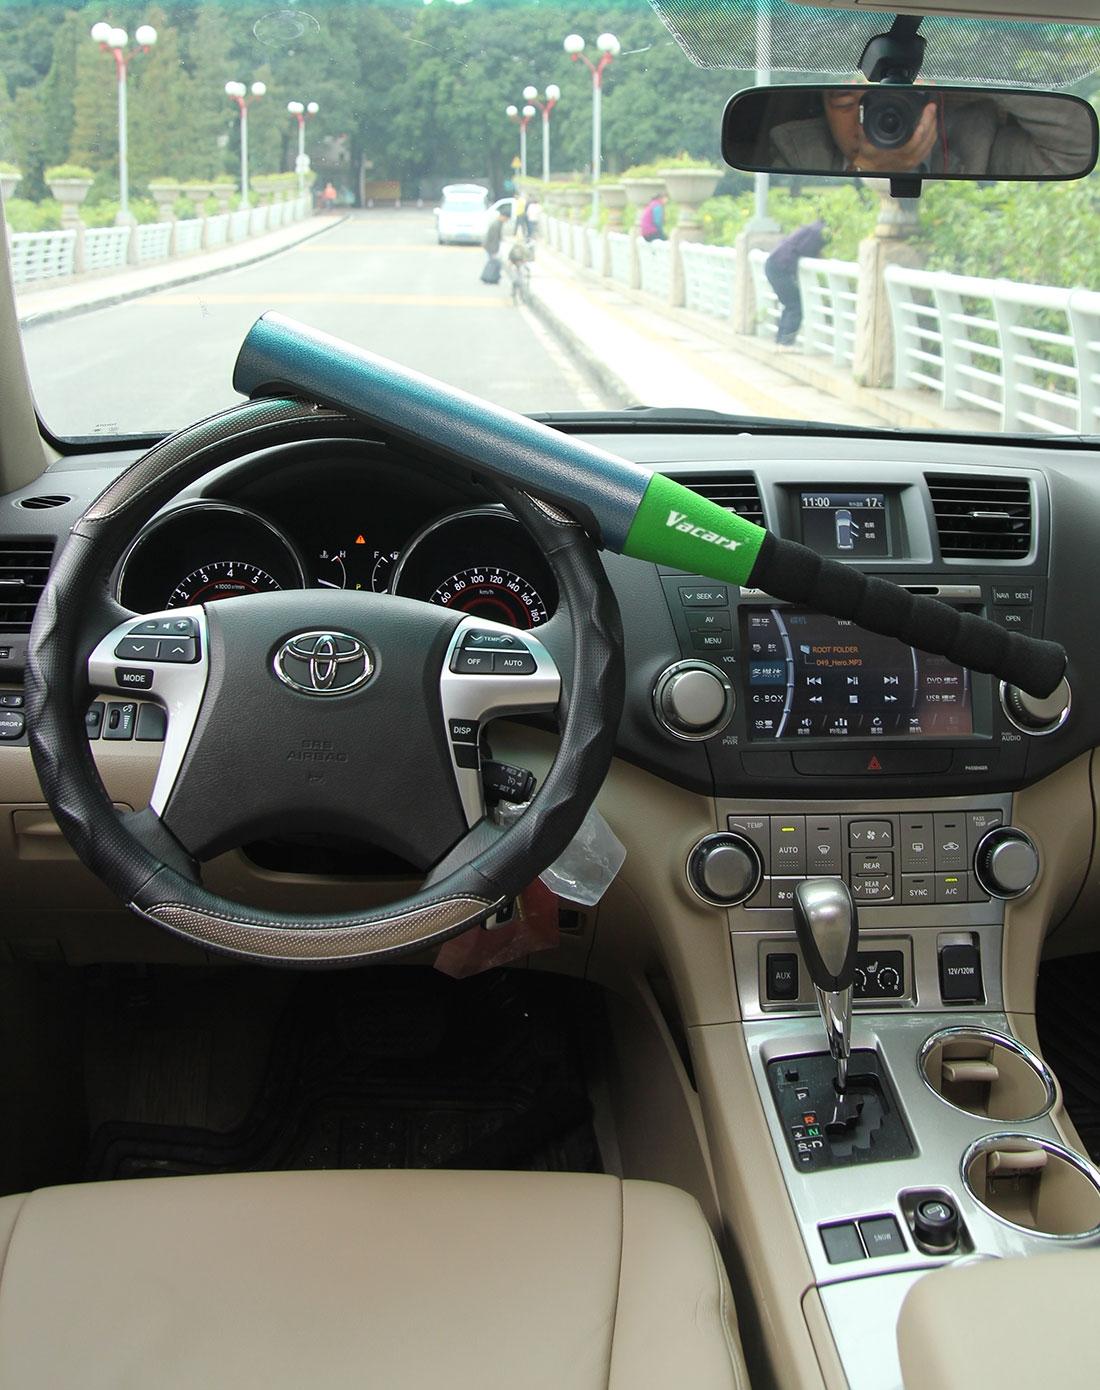 威卡司 汽车方向盘锁(绿色)